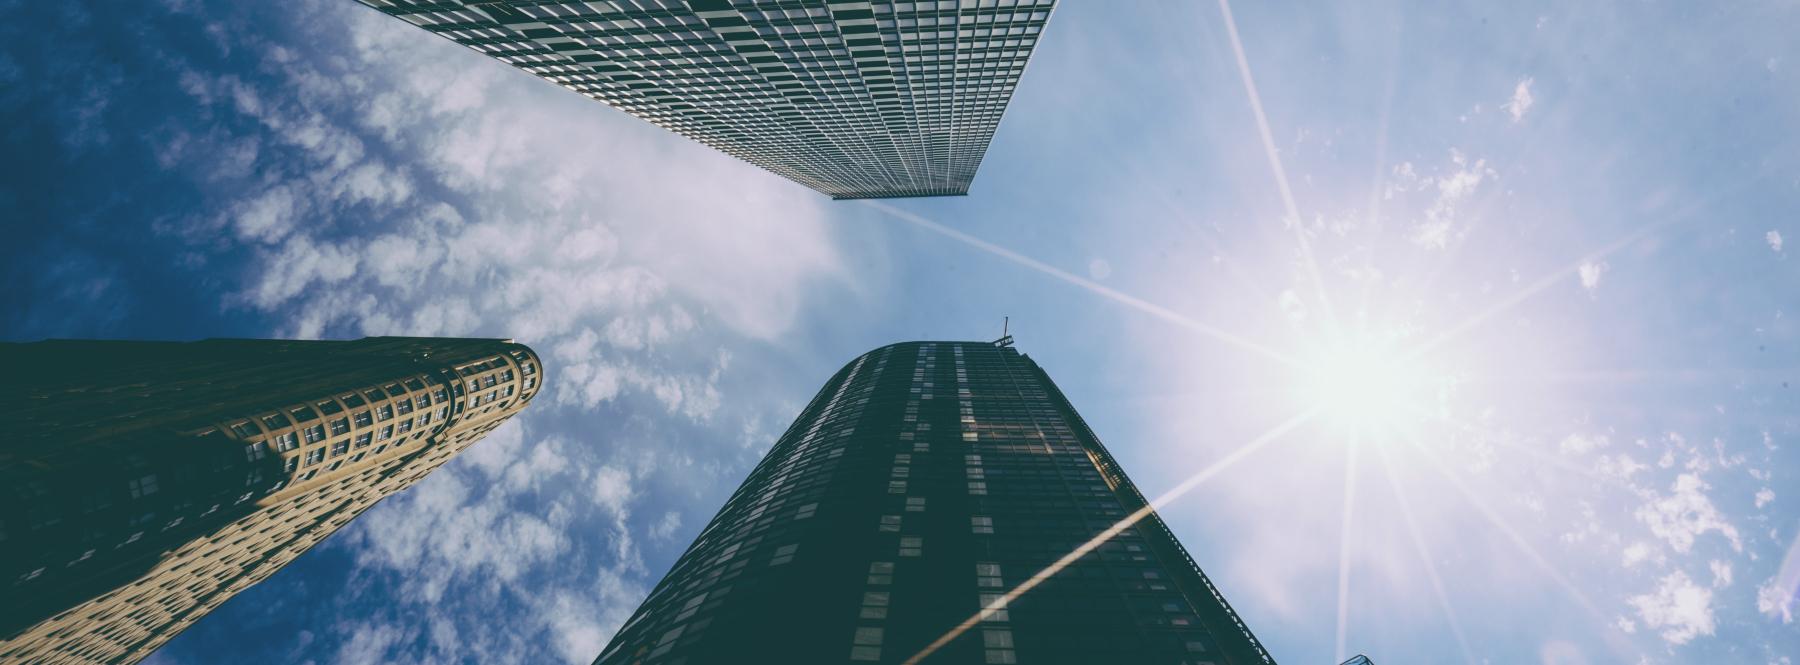 ¿Qué hace que las empresas sean sostenibles?